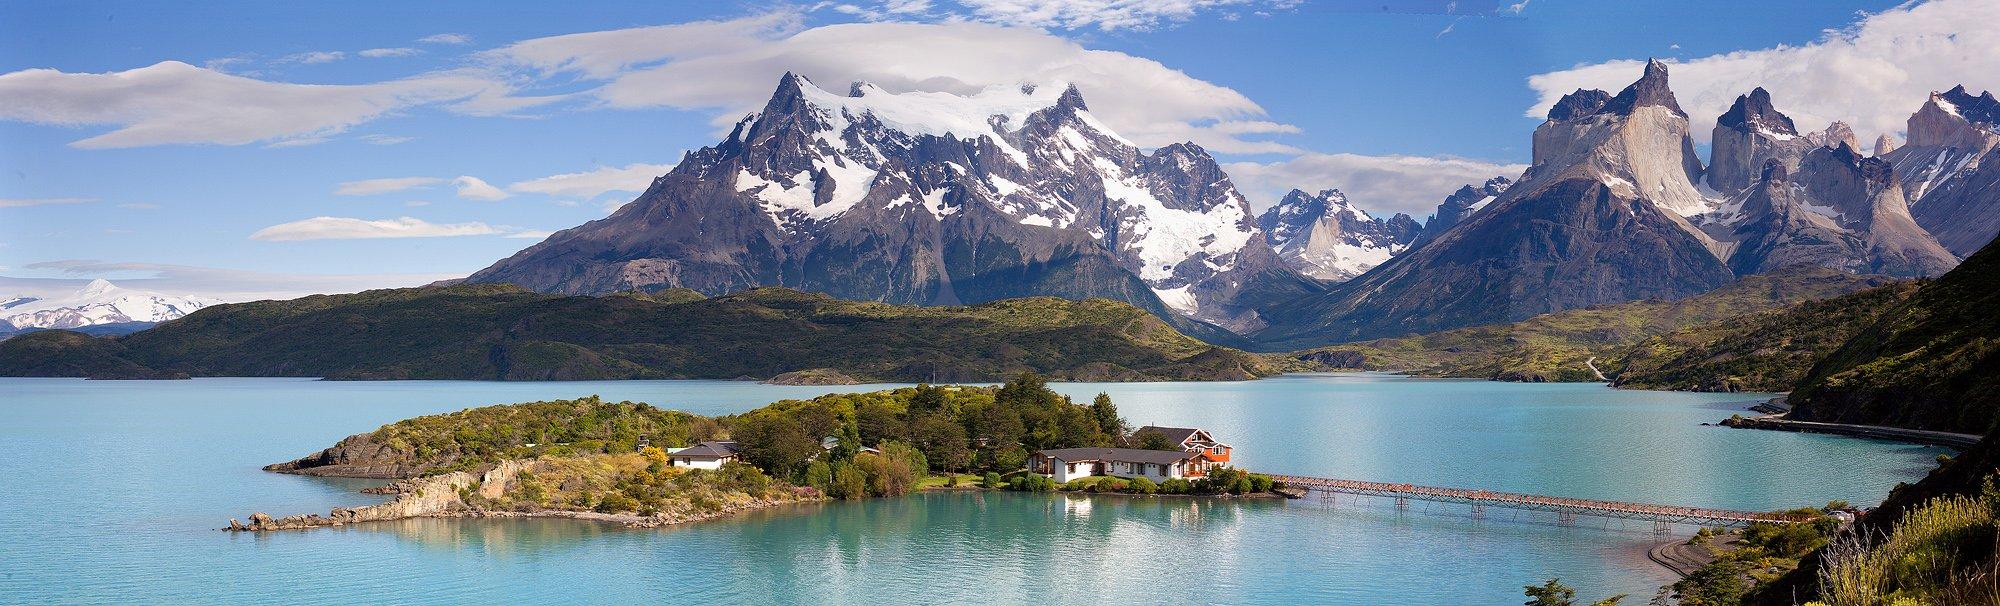 Картинки красоты природы южной америки